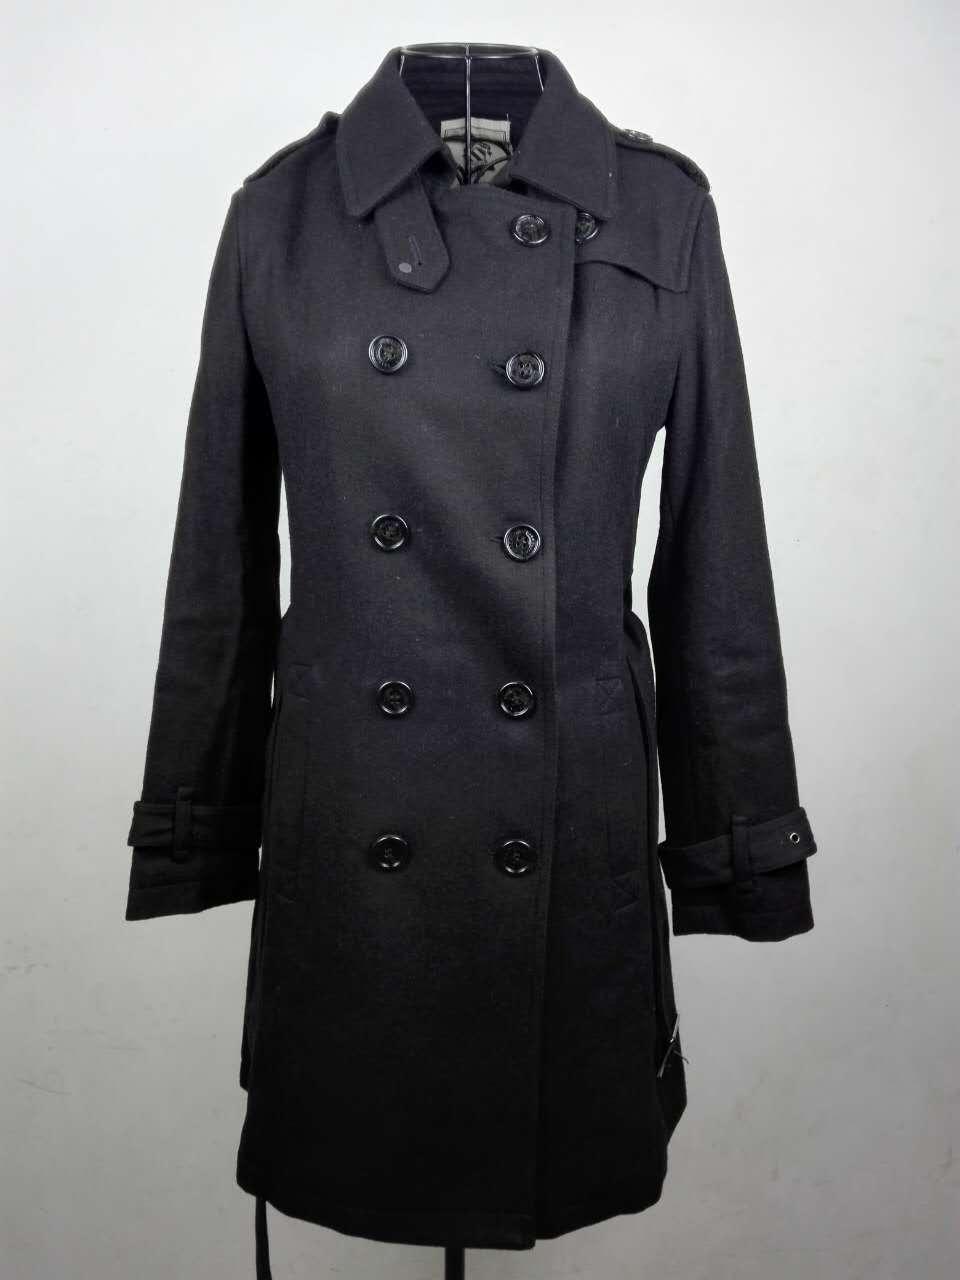 a2e7d0c00b79 Casaco de inverno mulheres sobretudo NicesensE poncho abrigos mujer  invierno 2017 preto casaco de lã casaco feminino casaco manteau femme em Lã  & Blends de ...